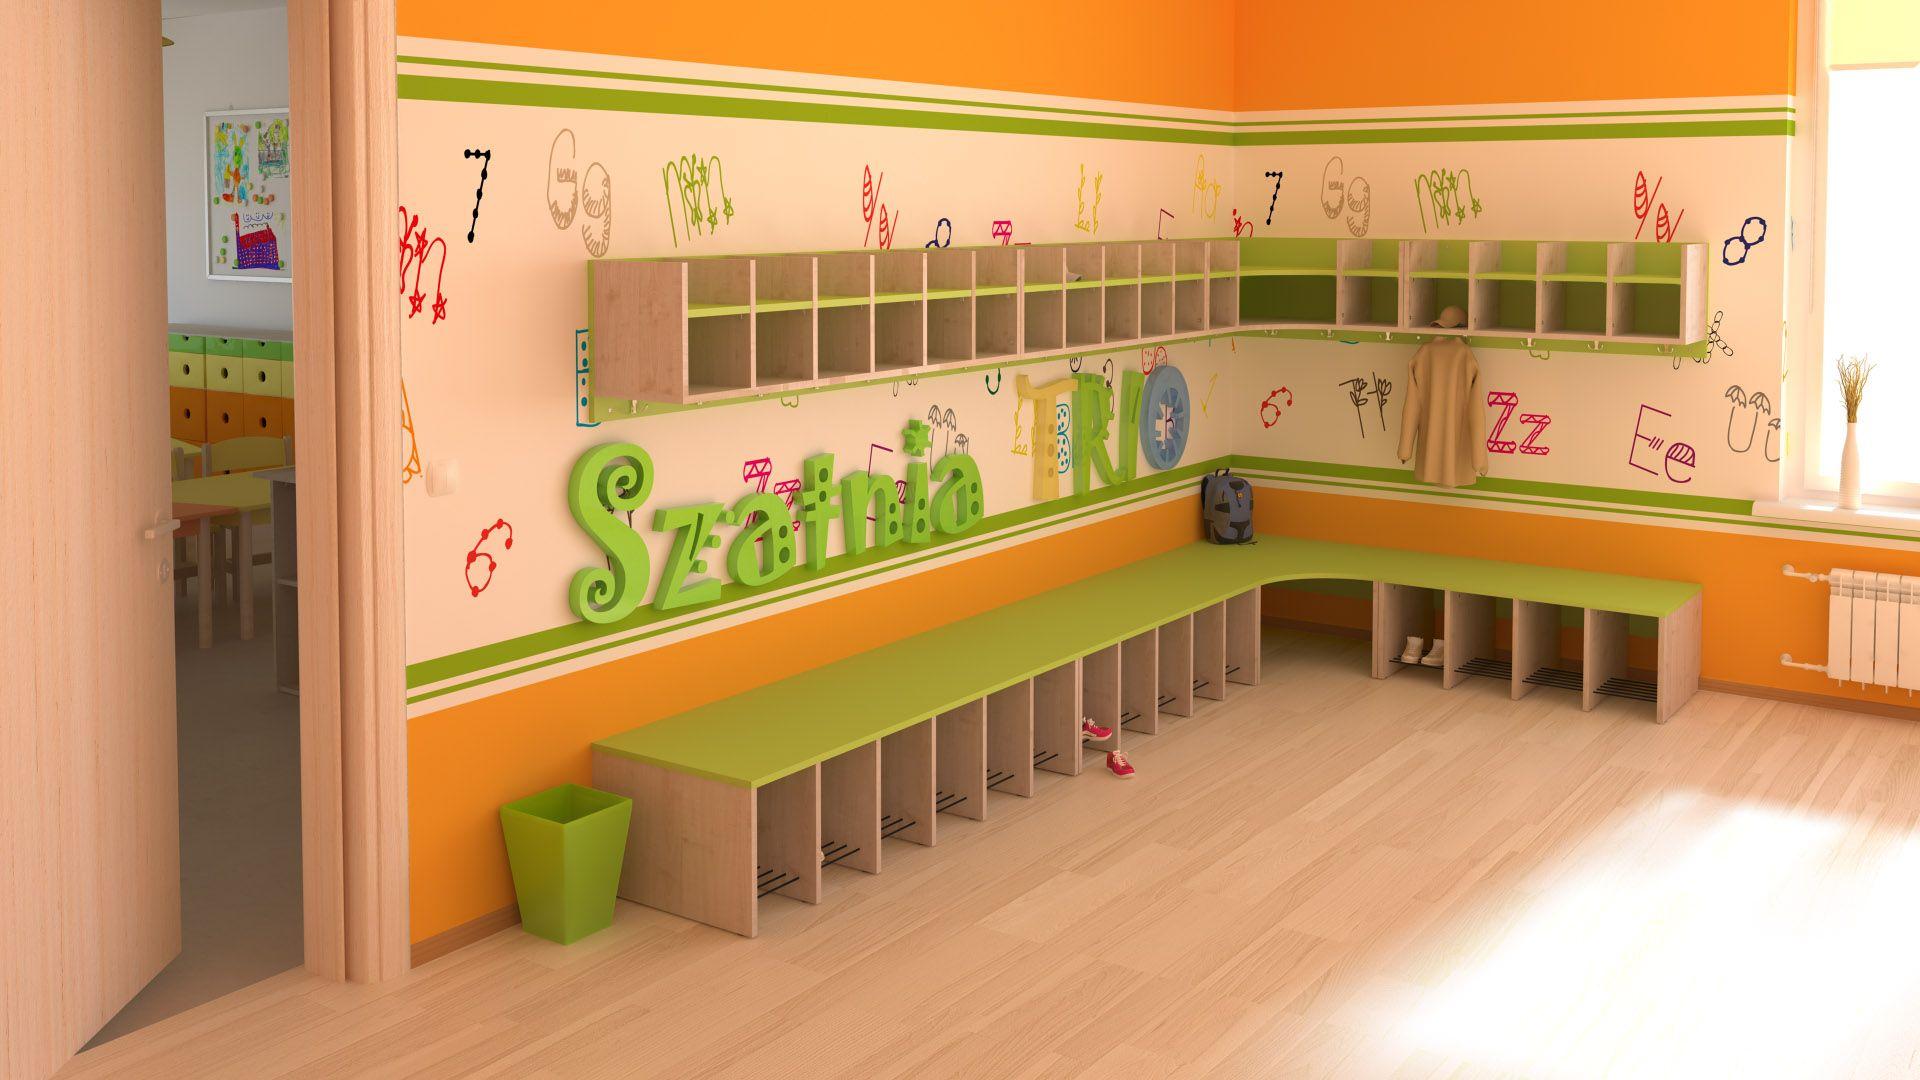 sch n kindergarten garderoben garderoben kindergarten kita r ume und kindergarten